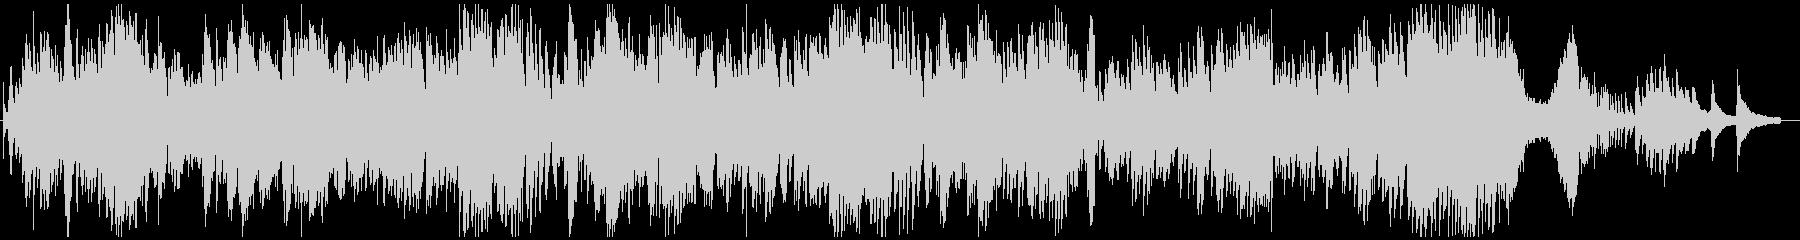 ショパン作曲 ノクターン第2番 変ホ長調の未再生の波形